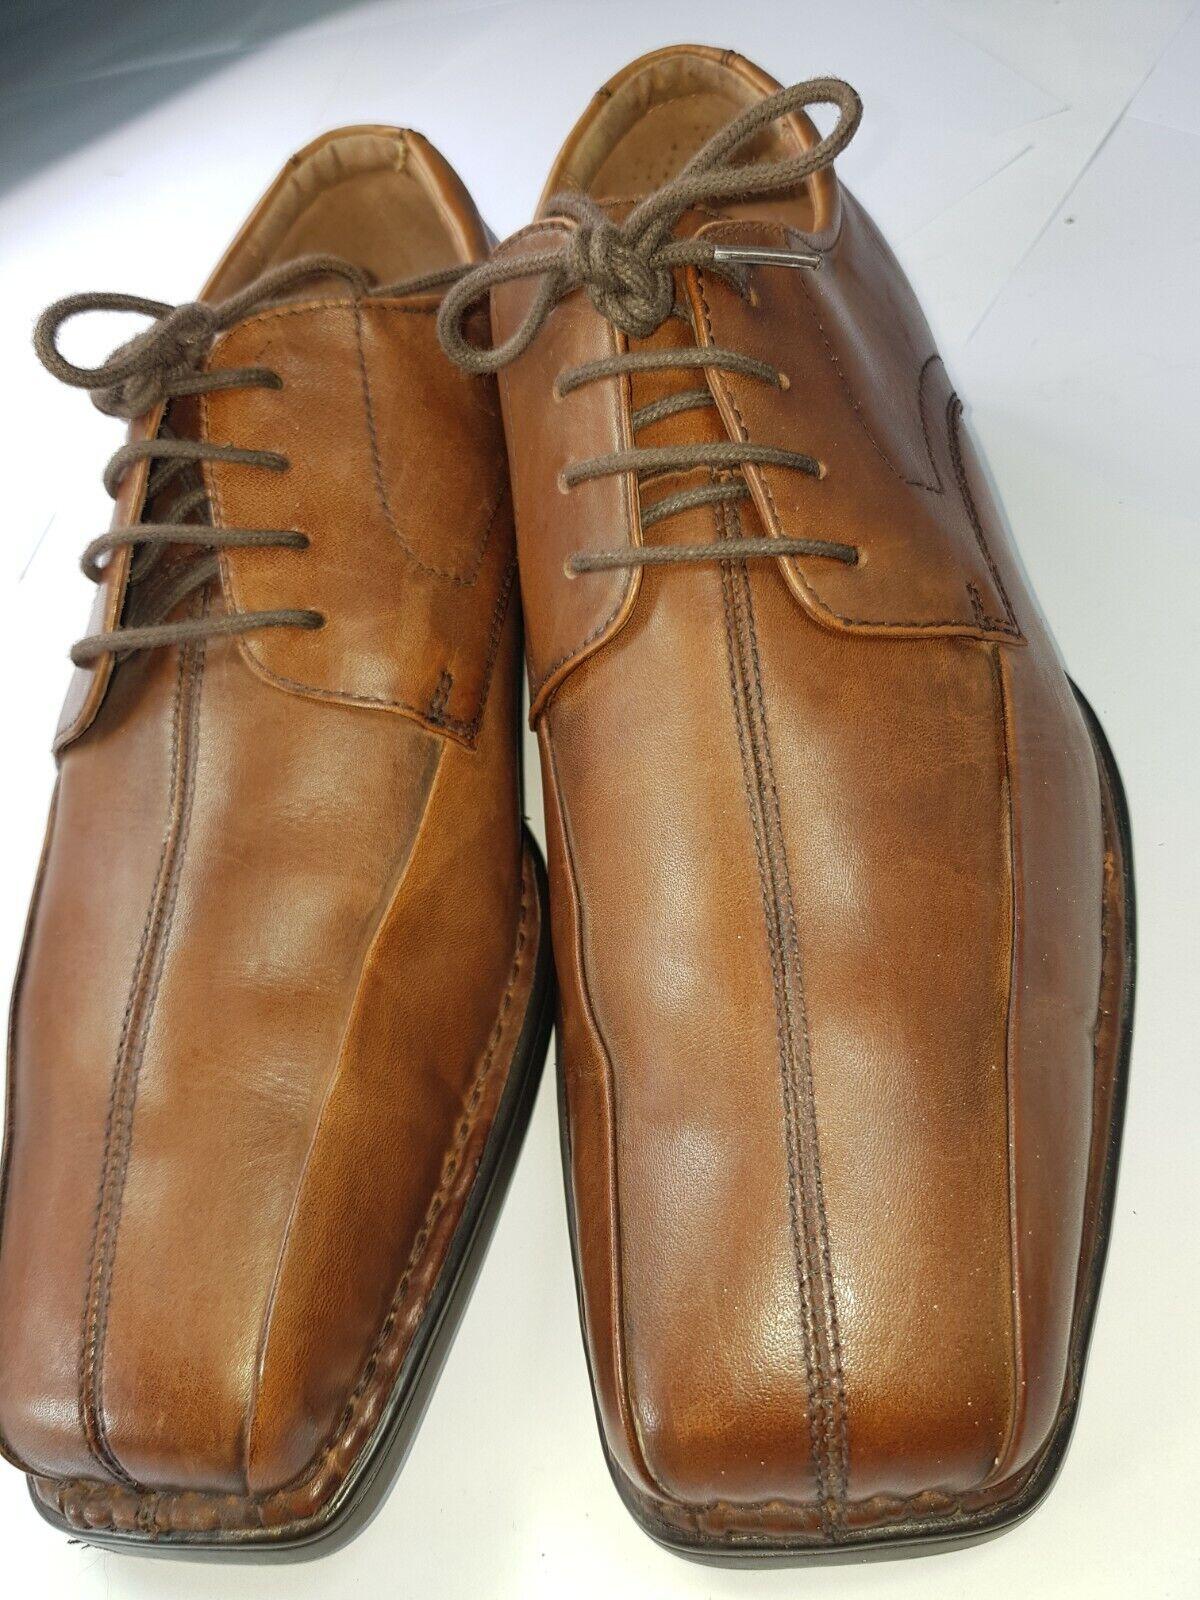 CLARKS FLEX 24/7 Brown Lace-up Mens Shoes UK 7 - VGC